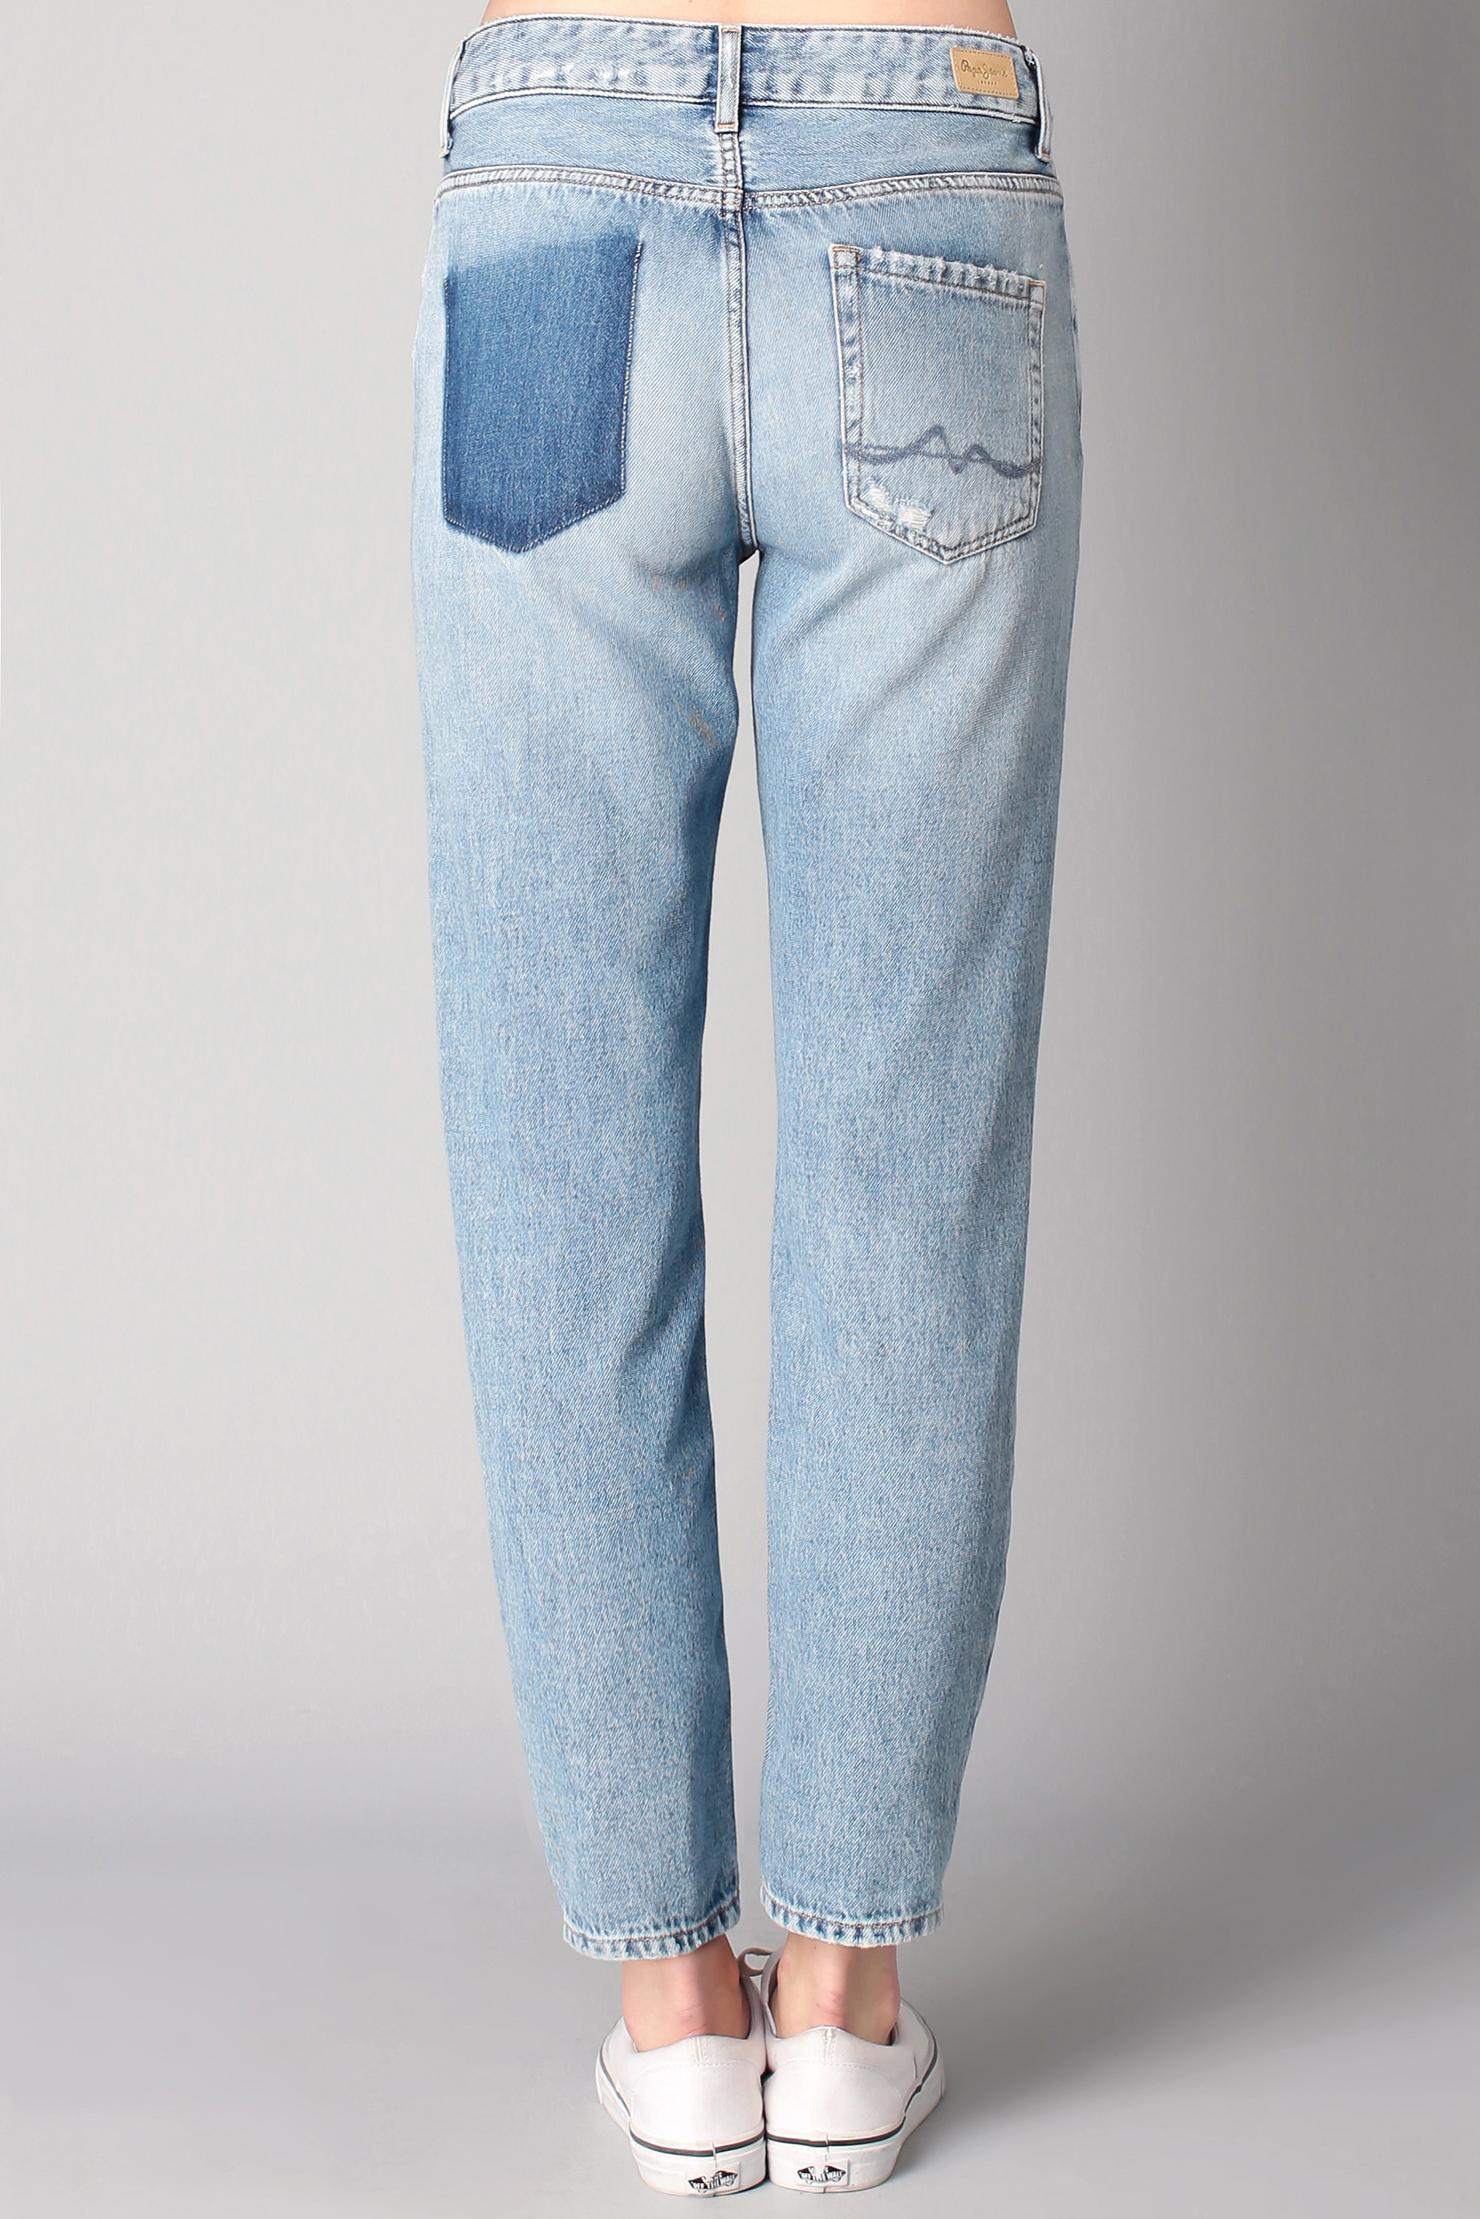 Lyst pepe jeans boyfriend jeans in blue - Pepe jeans showroom ...